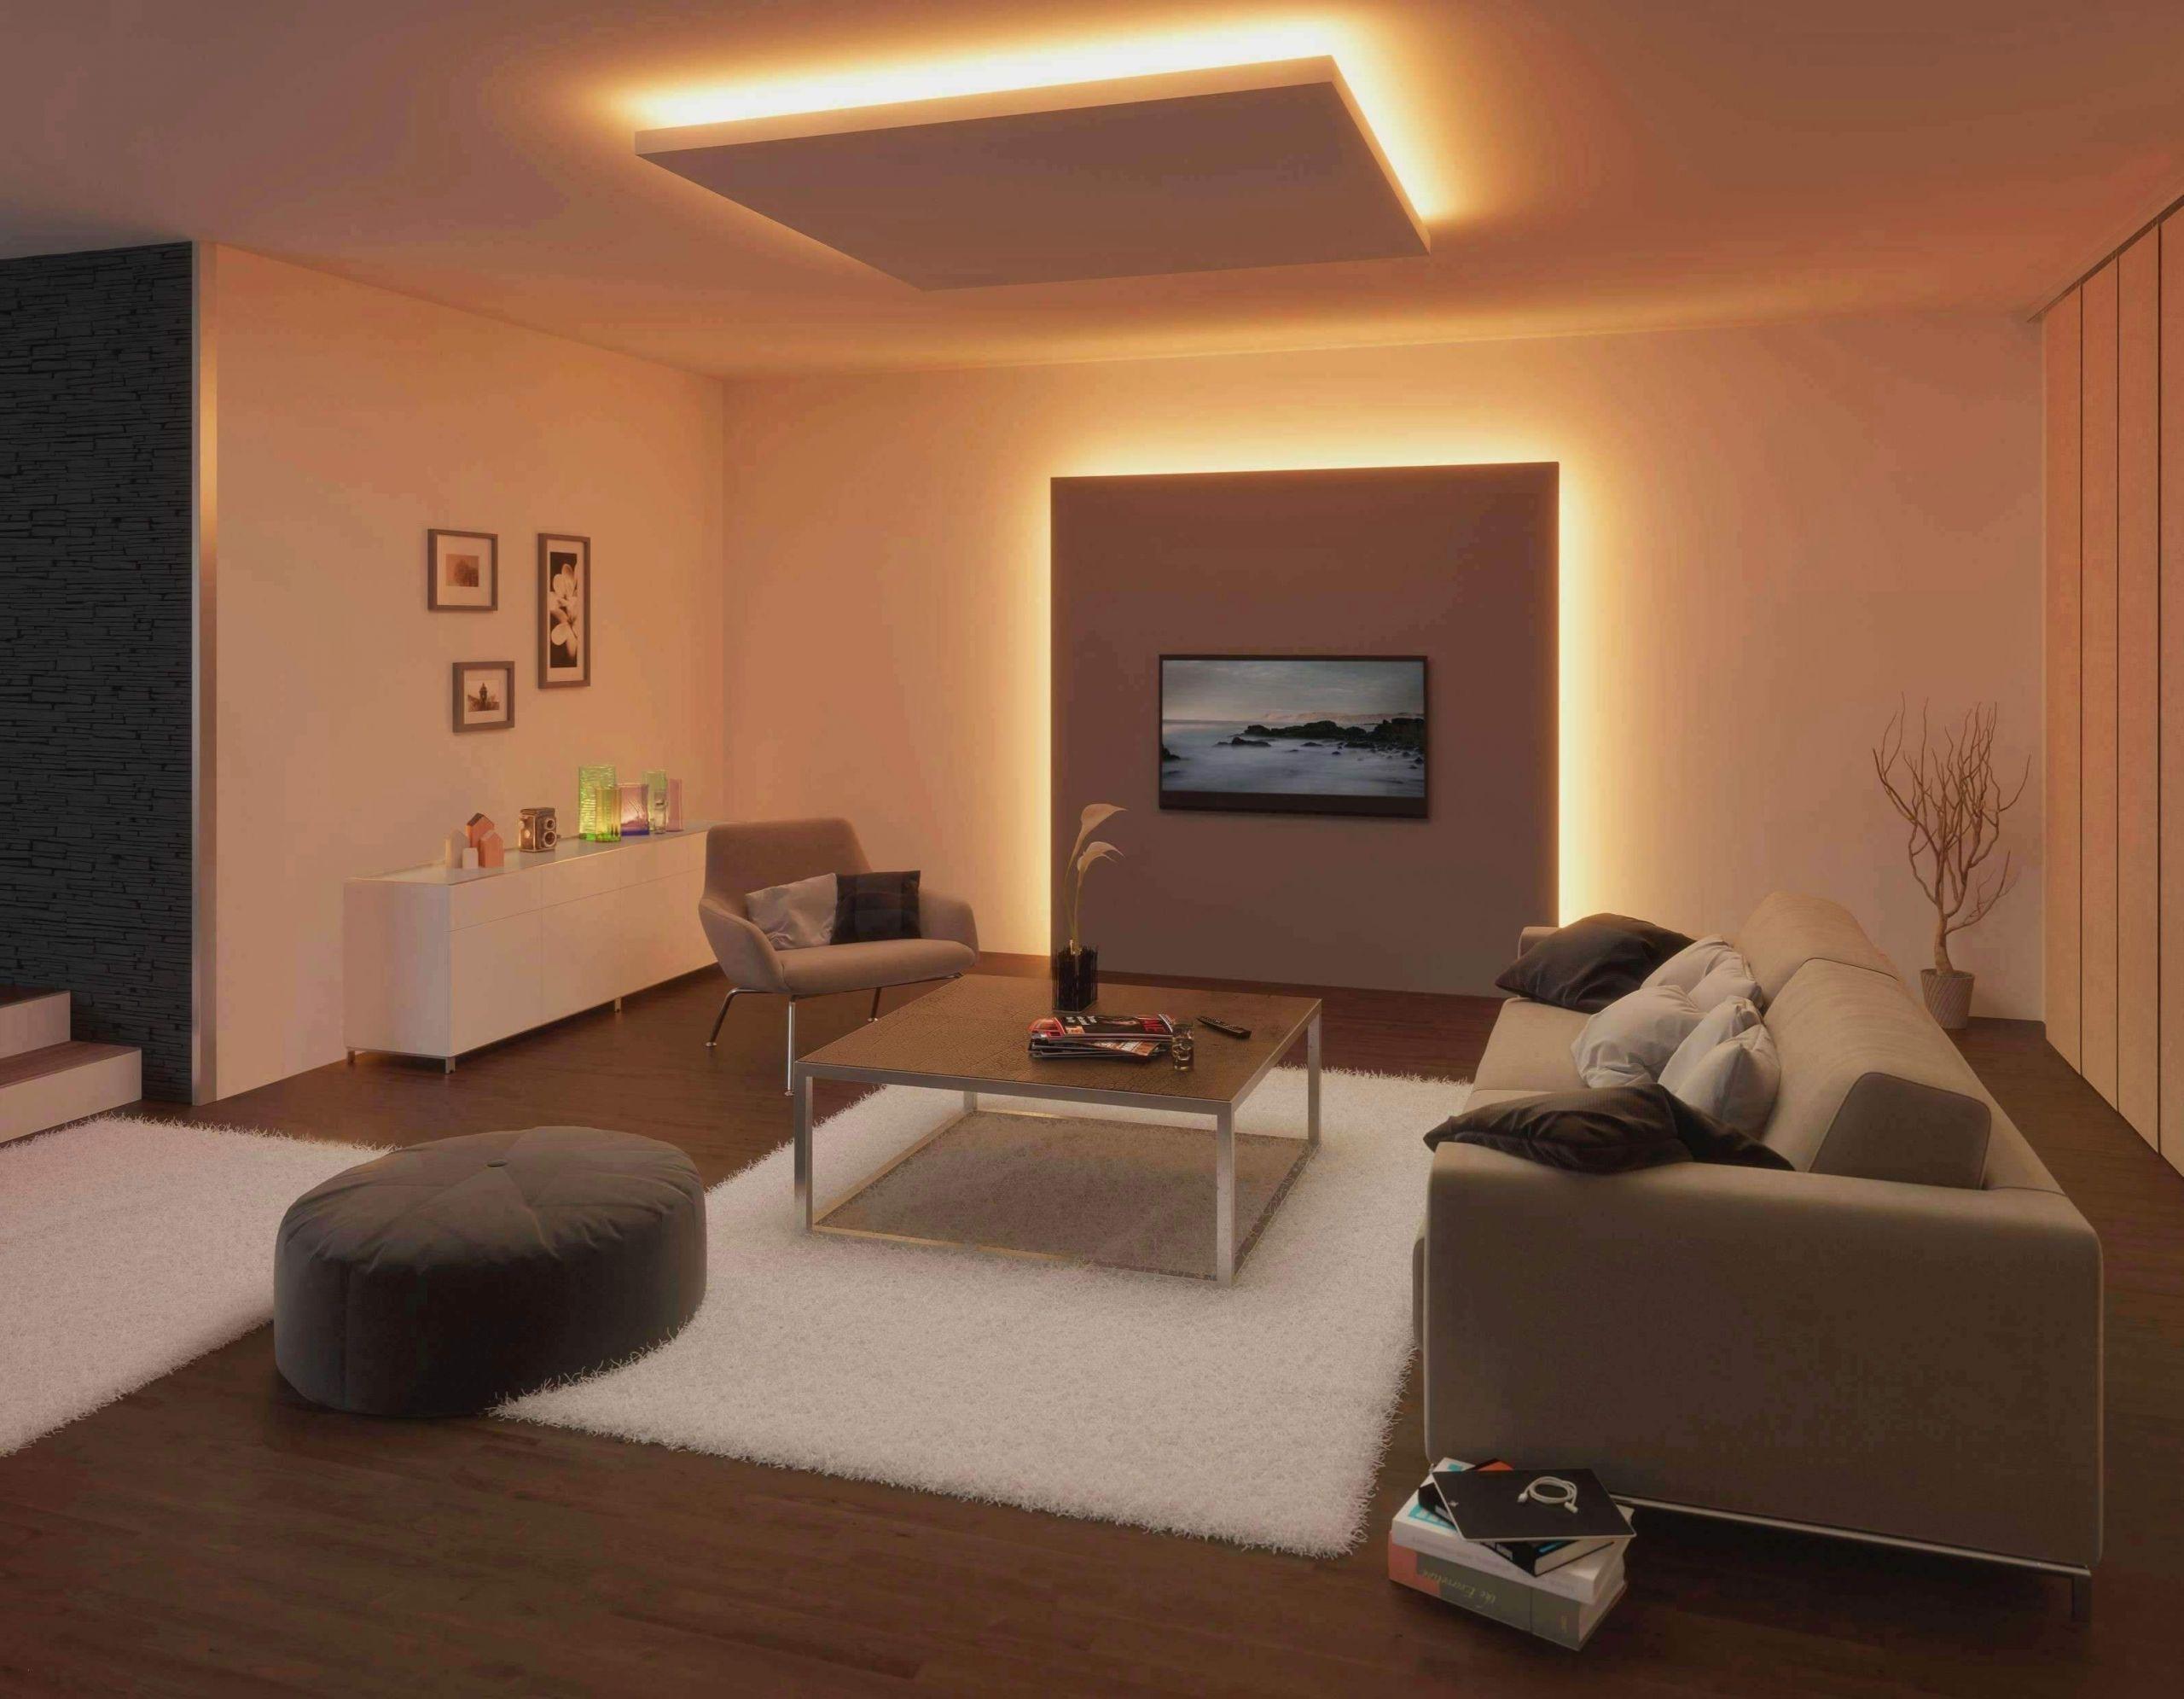 bilder wohnzimmer inspirierend 48 genial schwarz weis deko ideen of bilder wohnzimmer scaled